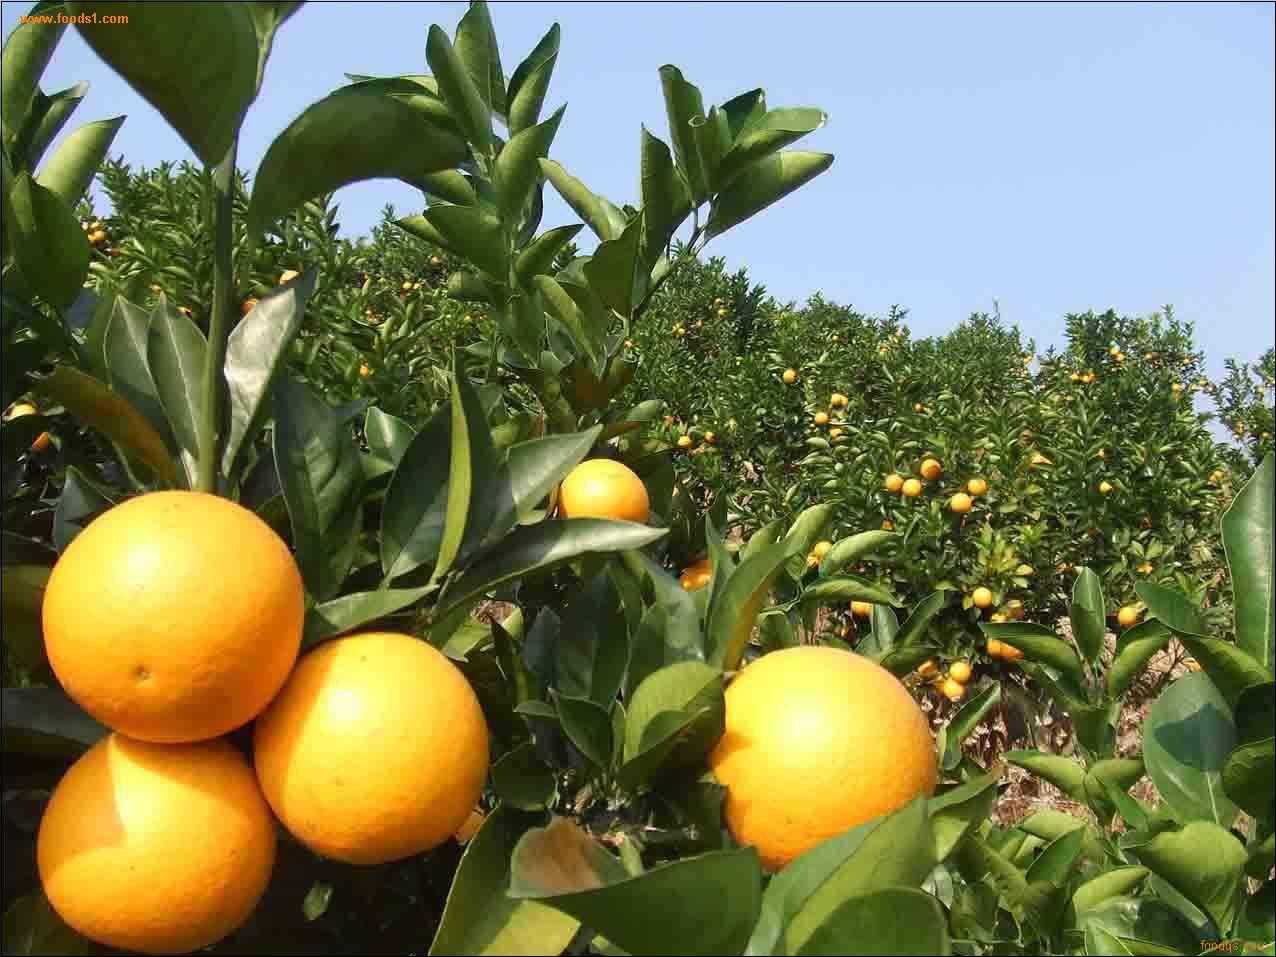 厂家甜橙单方精油批发 纯天然植物甜橙精油供应OEM加工